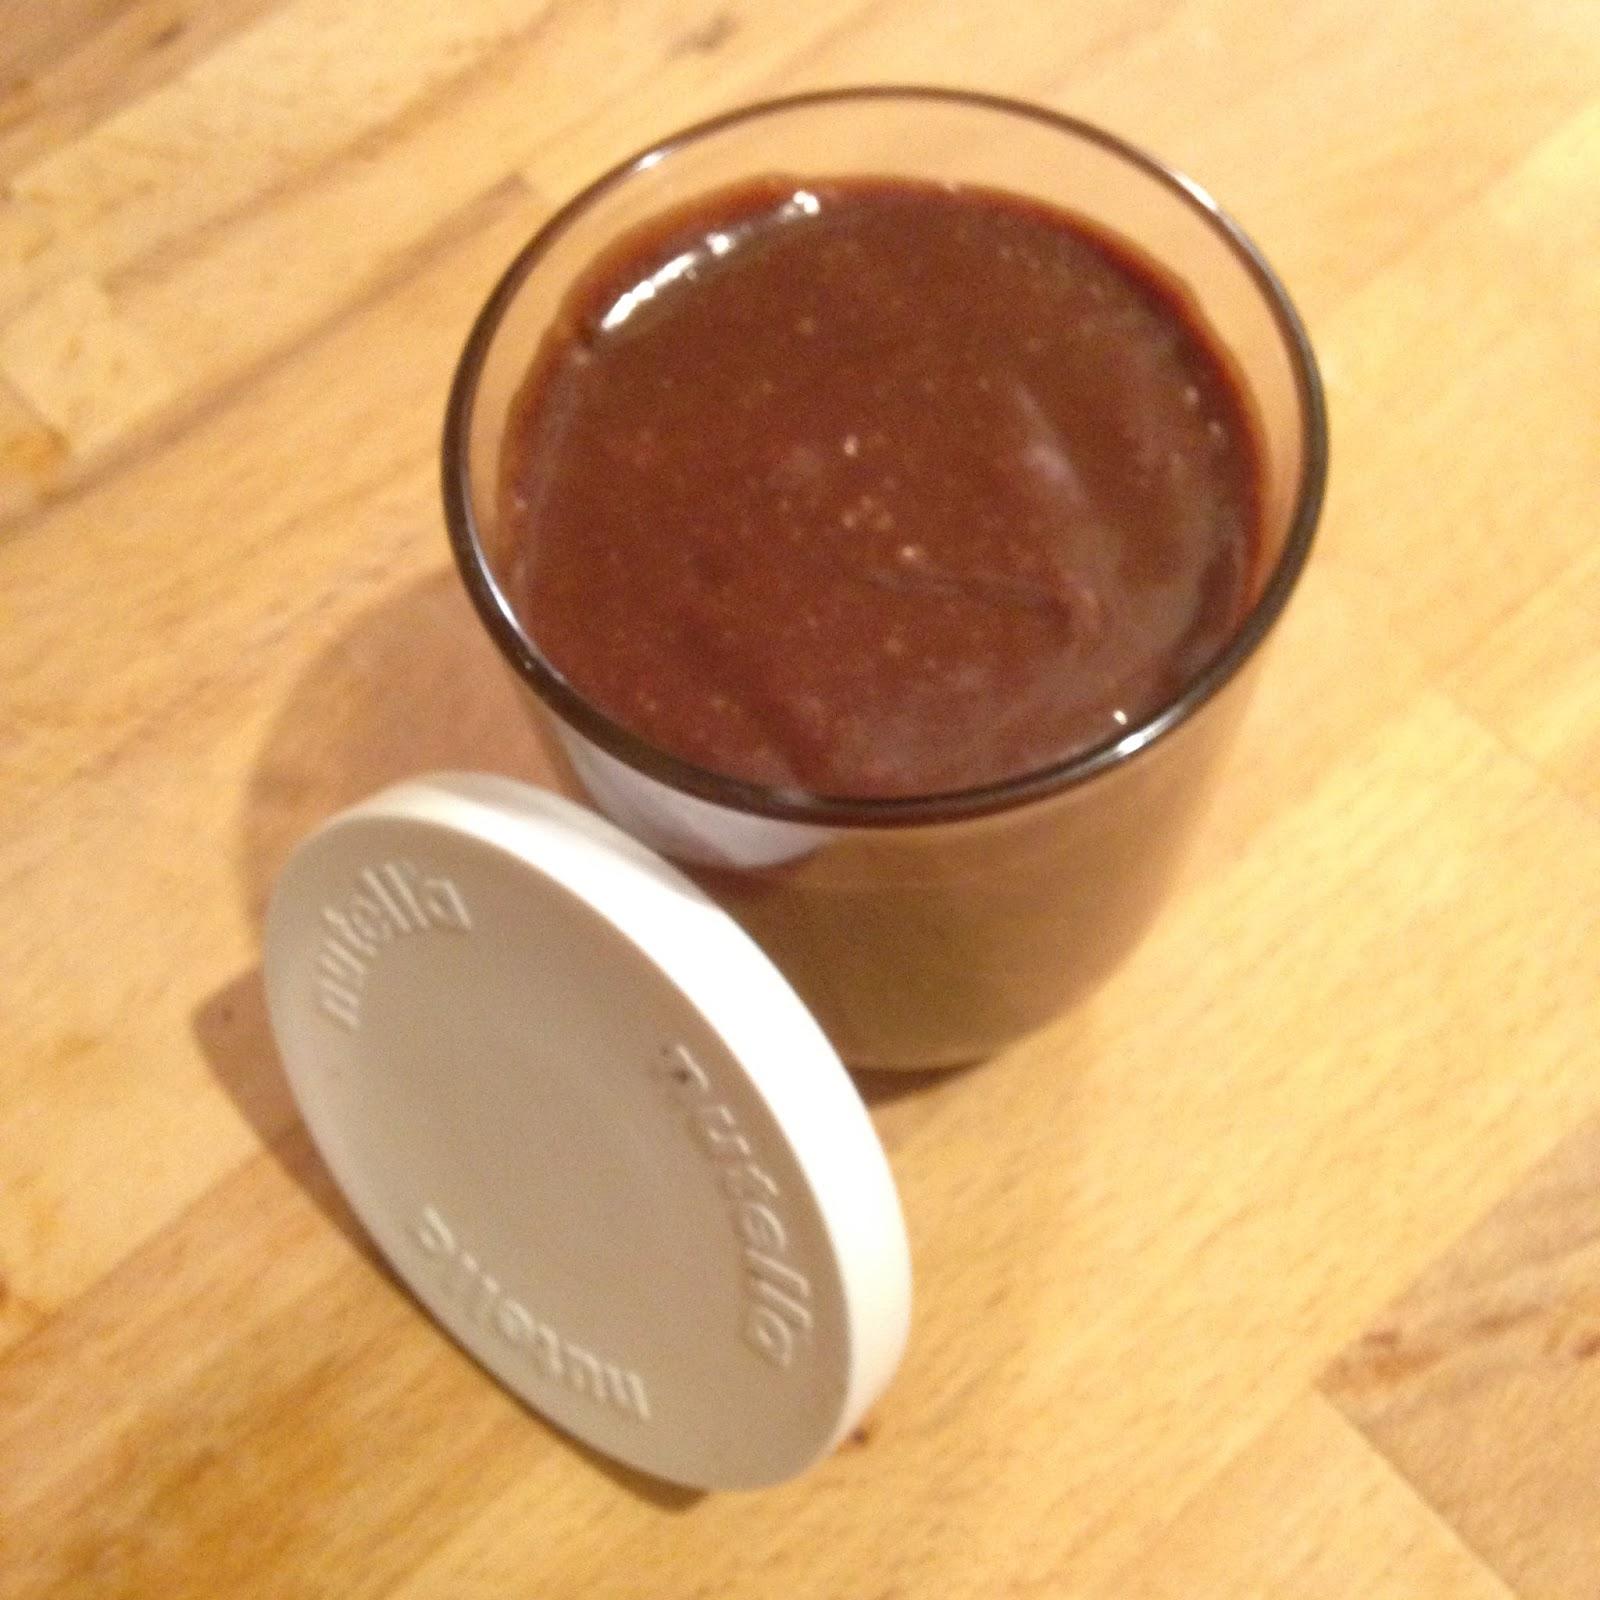 La petite cuisine de lolo nutella maison - Nutella maison lait concentre ...